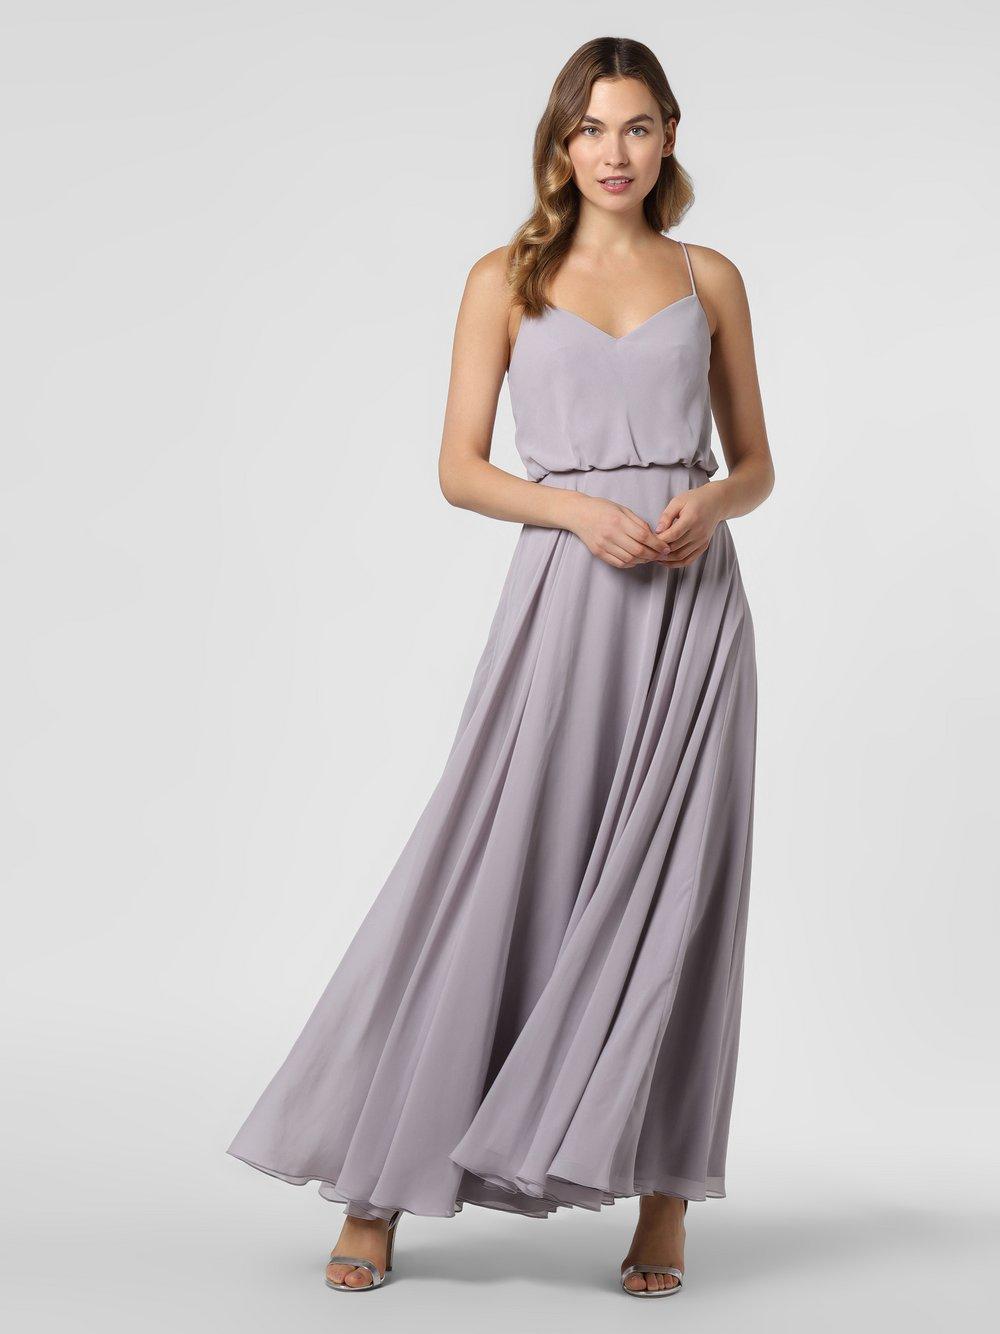 Laona – Damska sukienka wieczorowa, lila Van Graaf 466893-0002